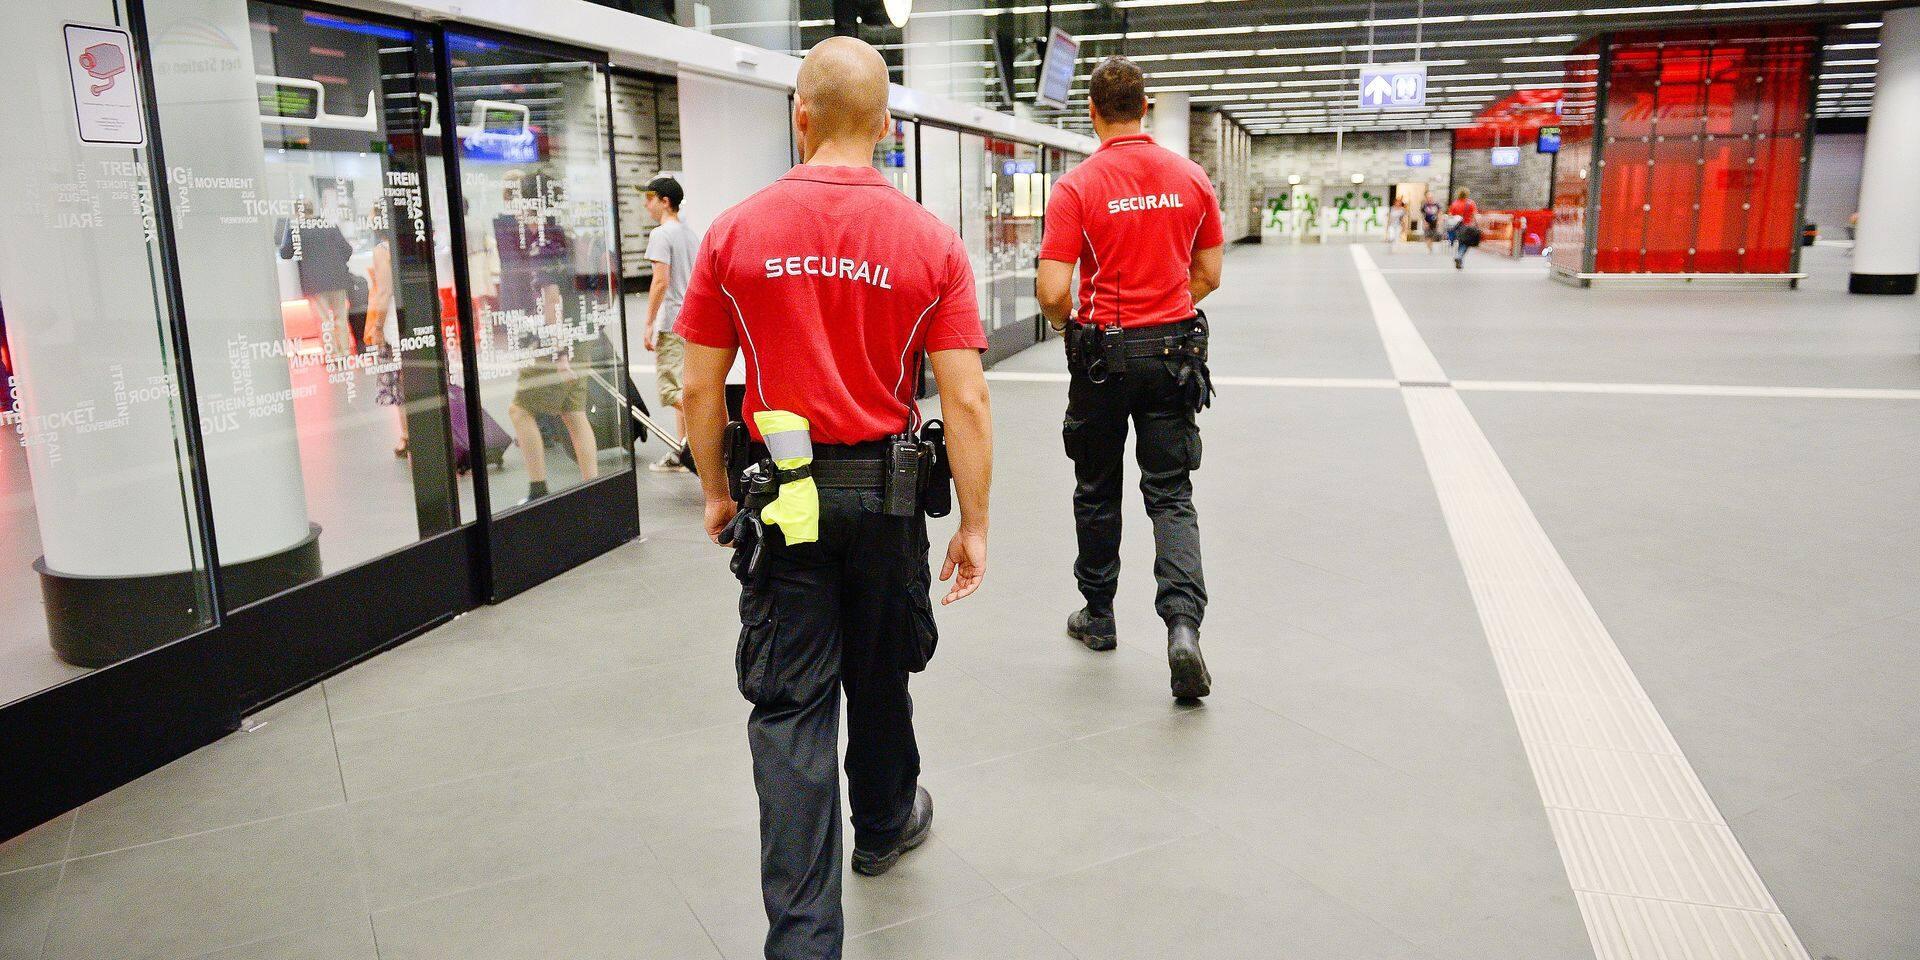 Bruxelles - gare du midi: SNCB Holding - Securail - sécurité dans les gares et à bord des trains - agents sécurail